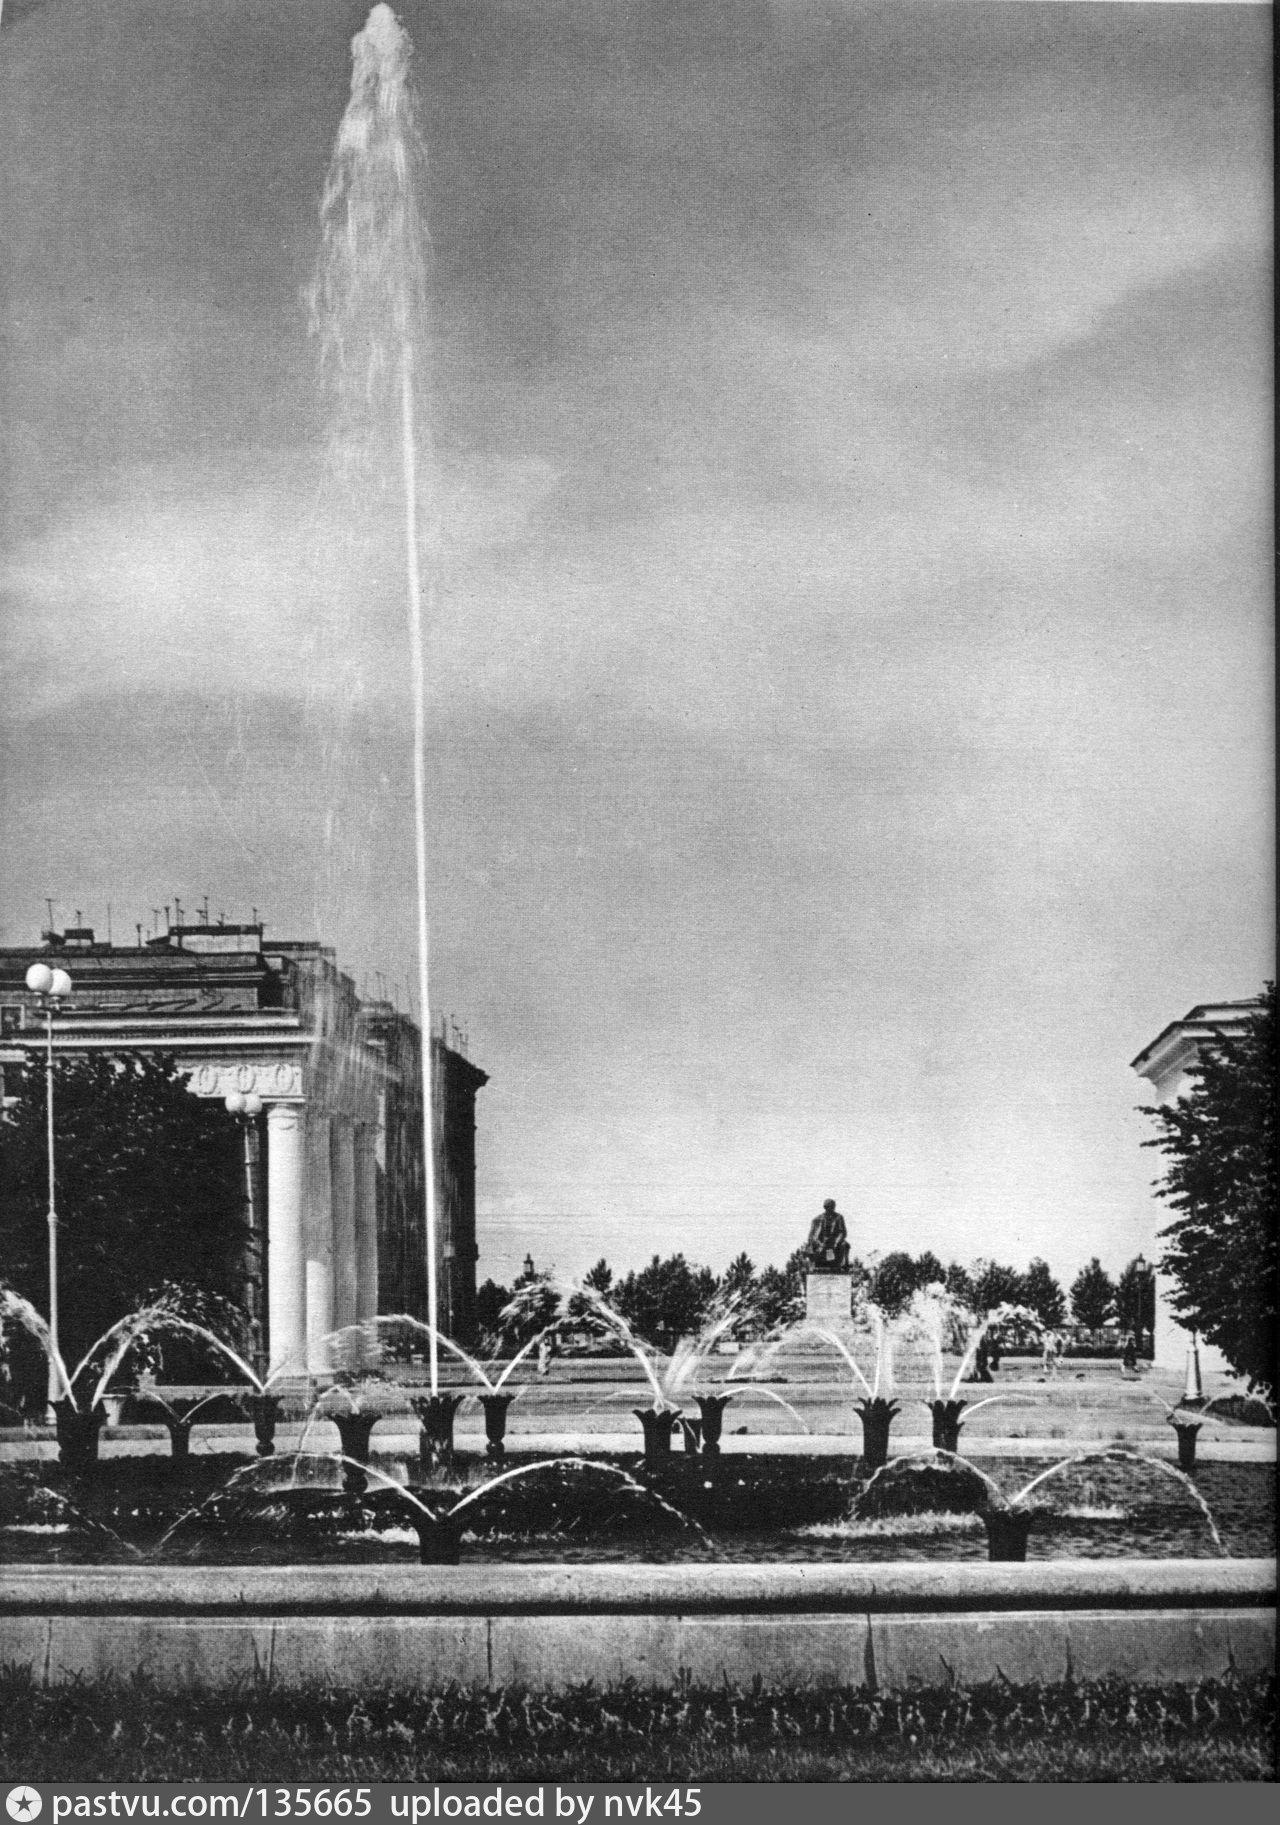 убедила его старые фотографии парка победы в санкт петербурге добавил, что авторов